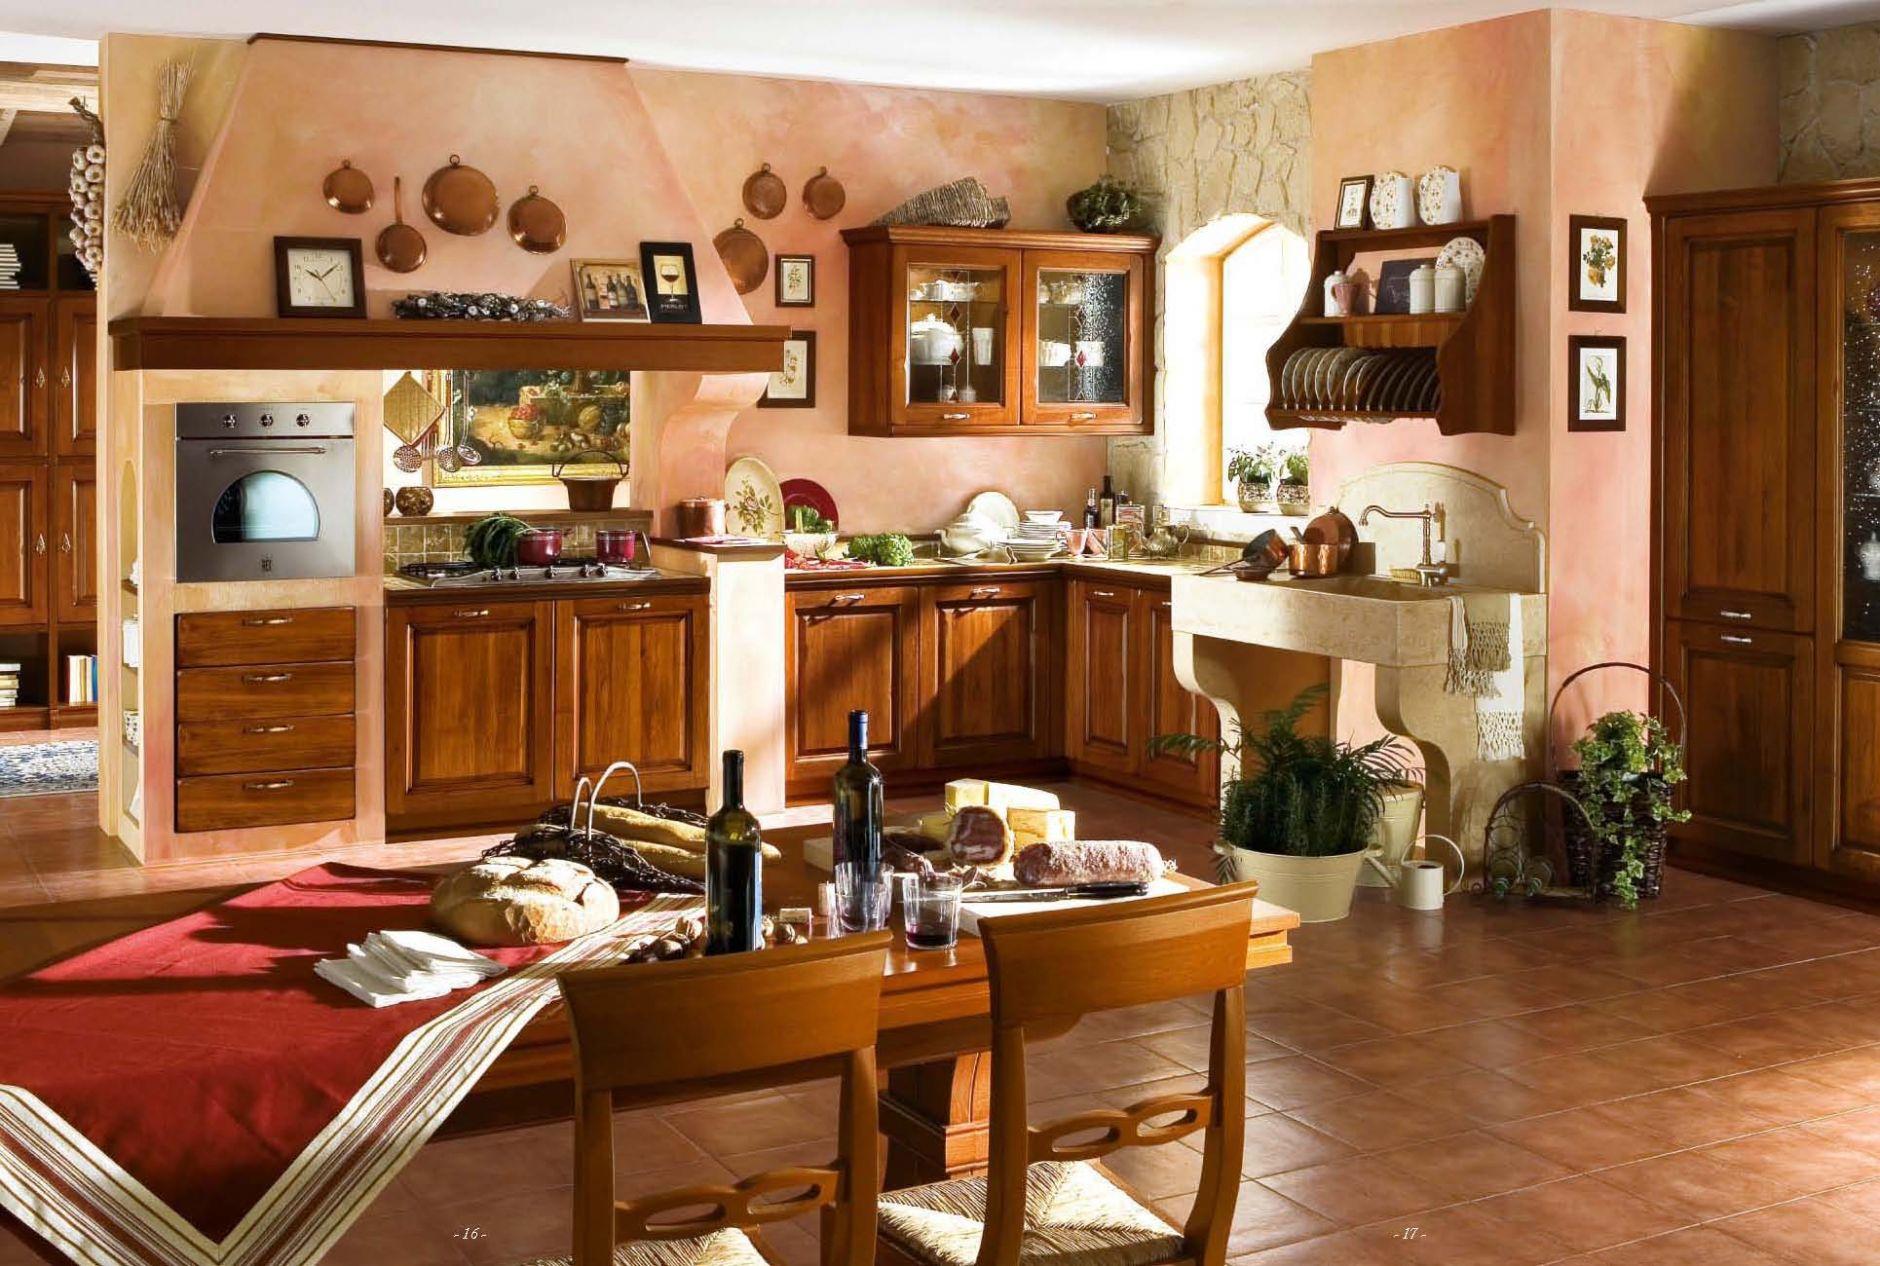 k chen k chen serie 2 ottocentodie m bel aus italien. Black Bedroom Furniture Sets. Home Design Ideas